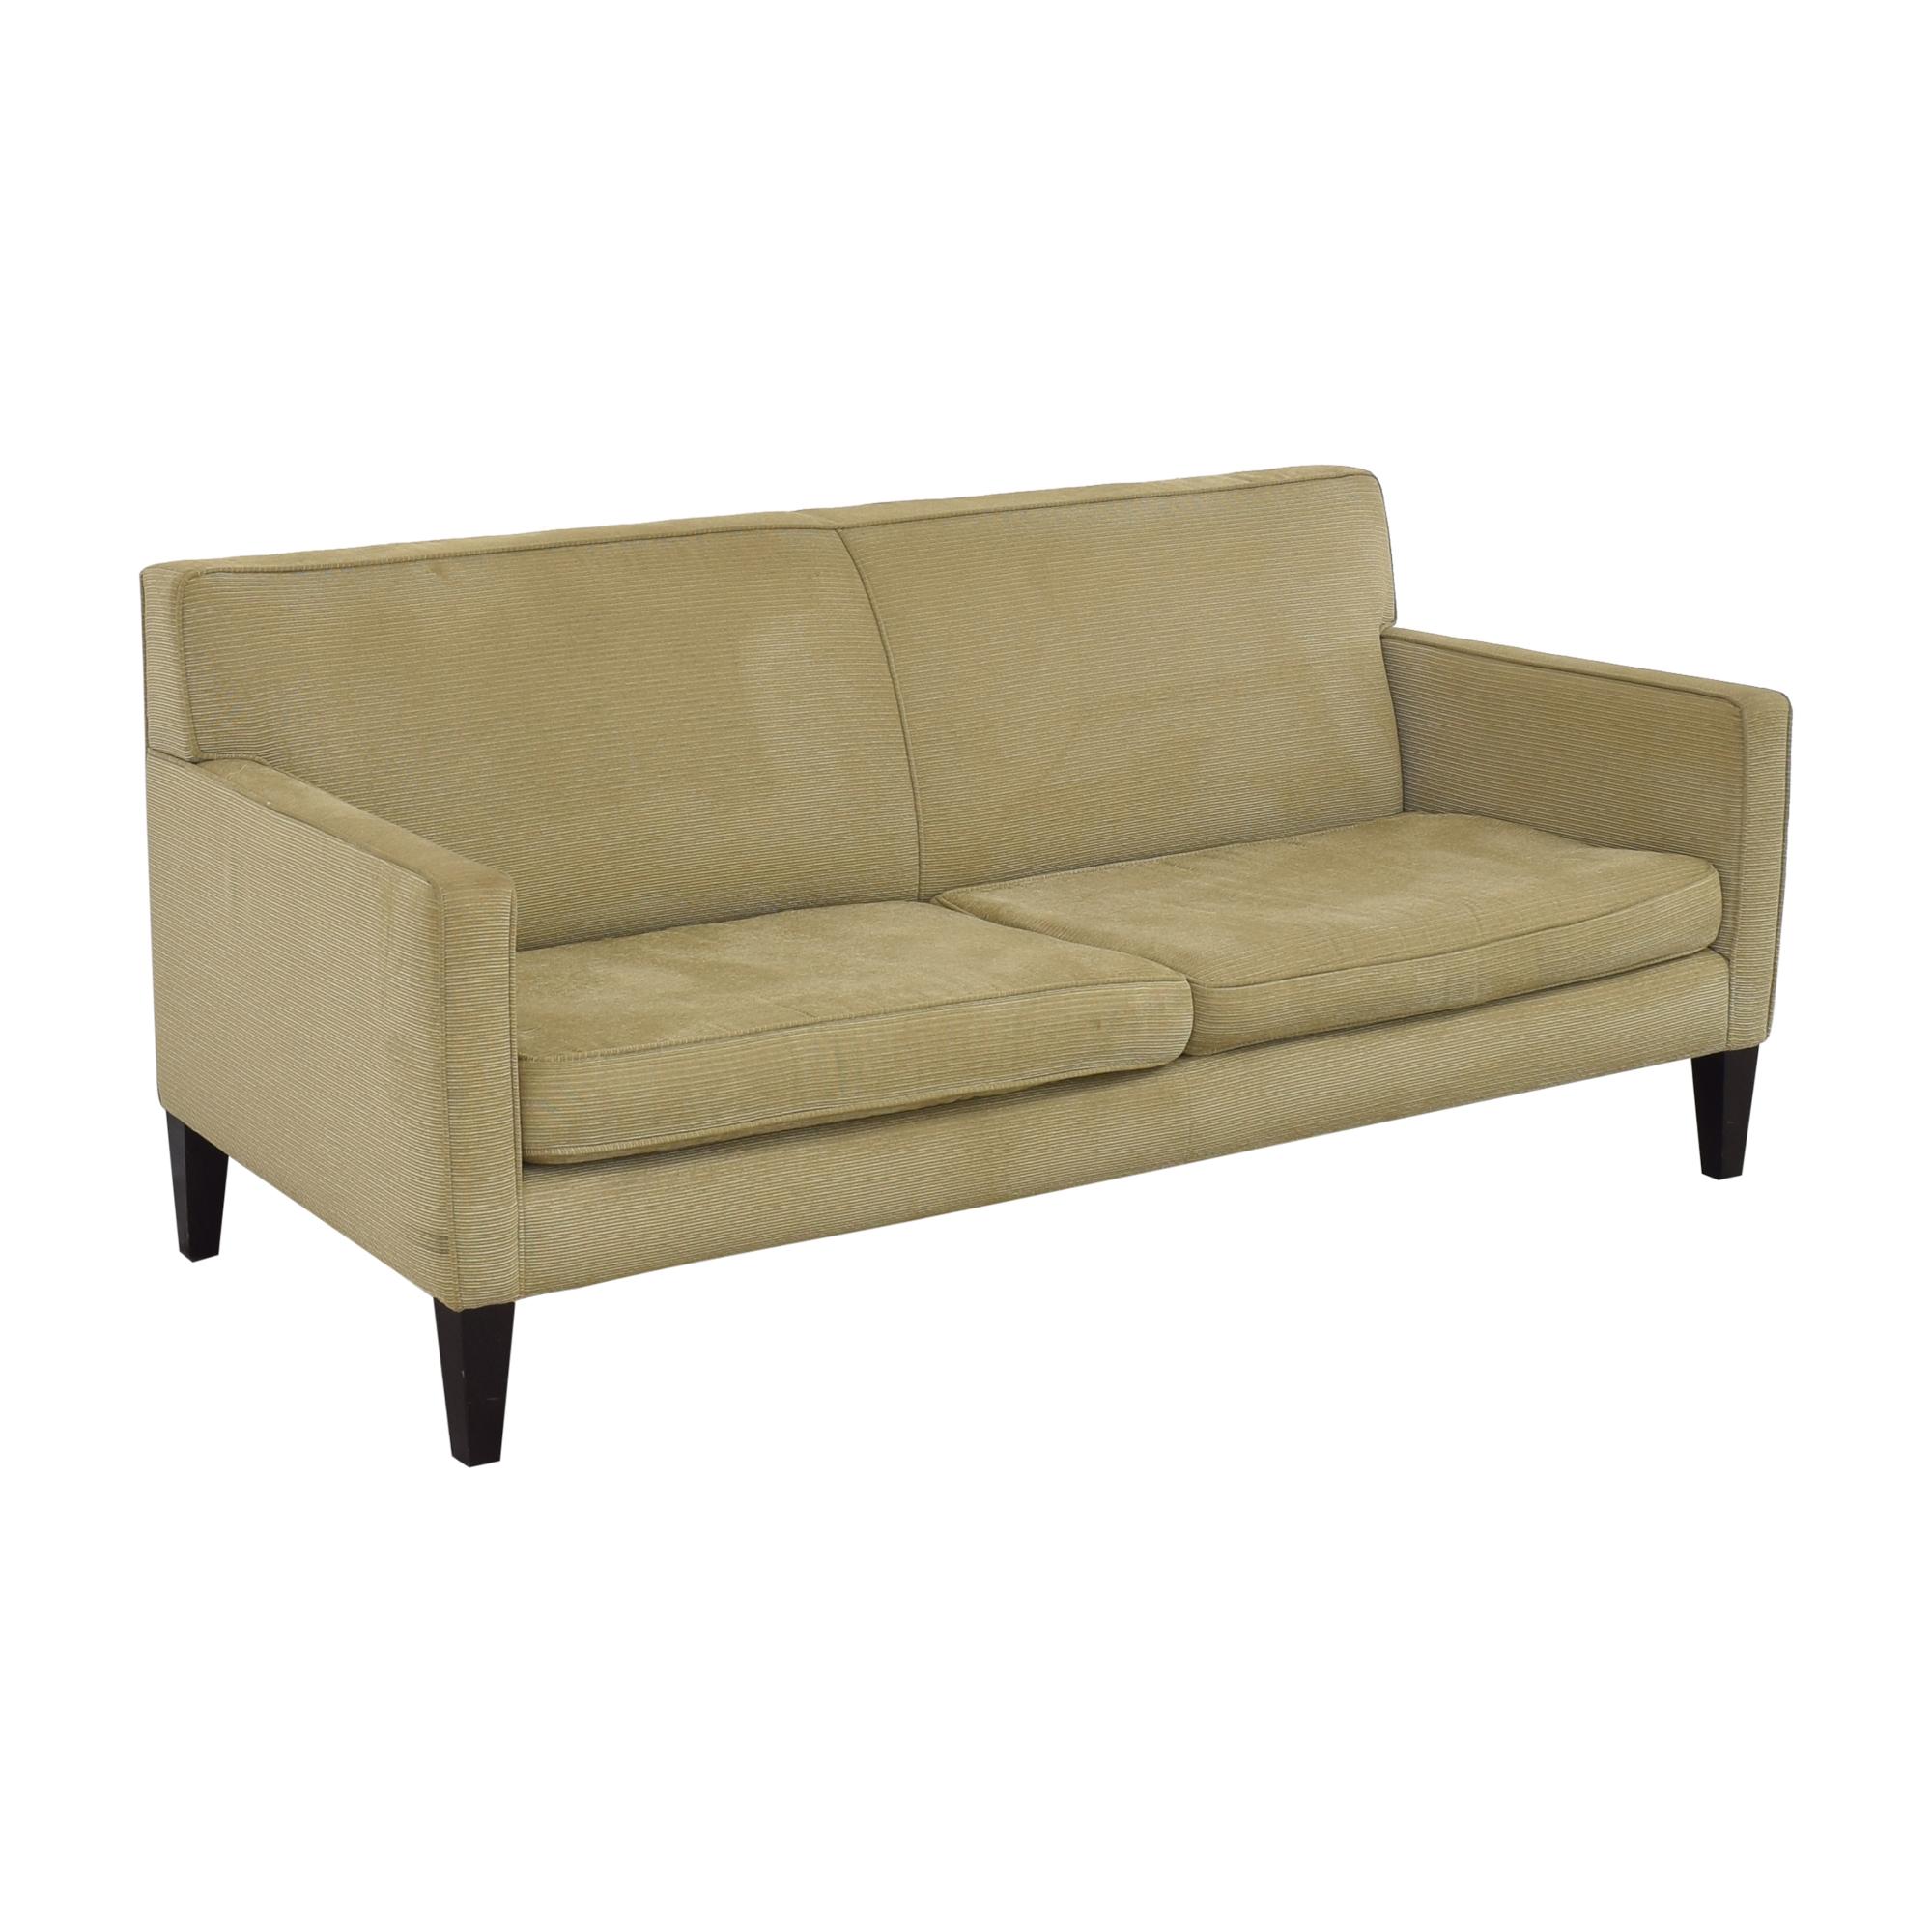 Crate & Barrel Crate & Barrel Sofa beige